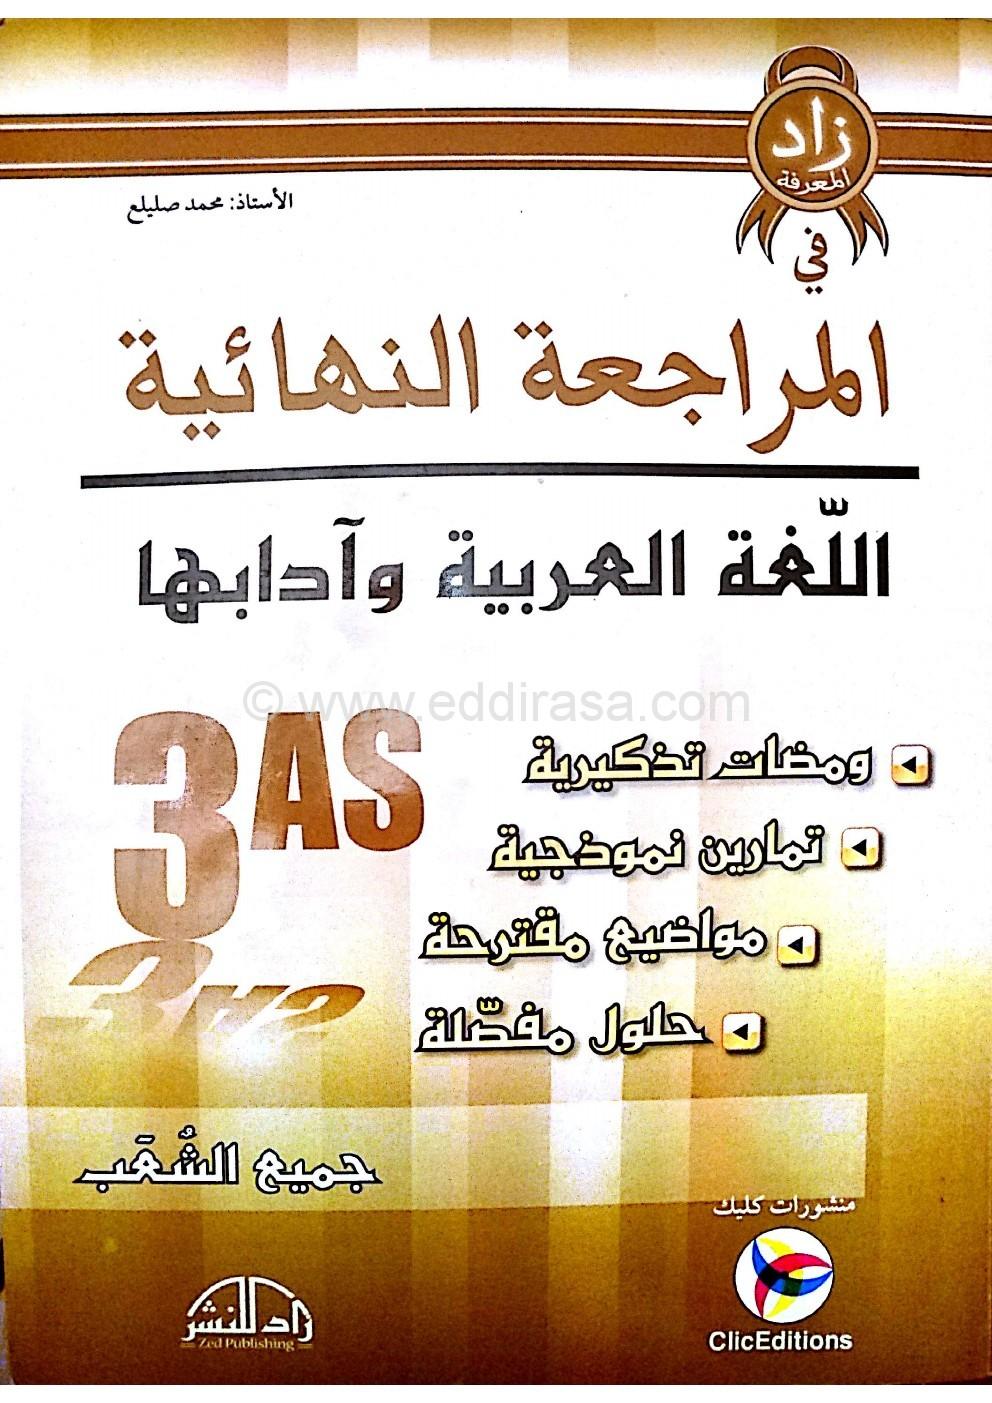 كتاب المراجعة النهائية للبكالوريا في اللغة العربية